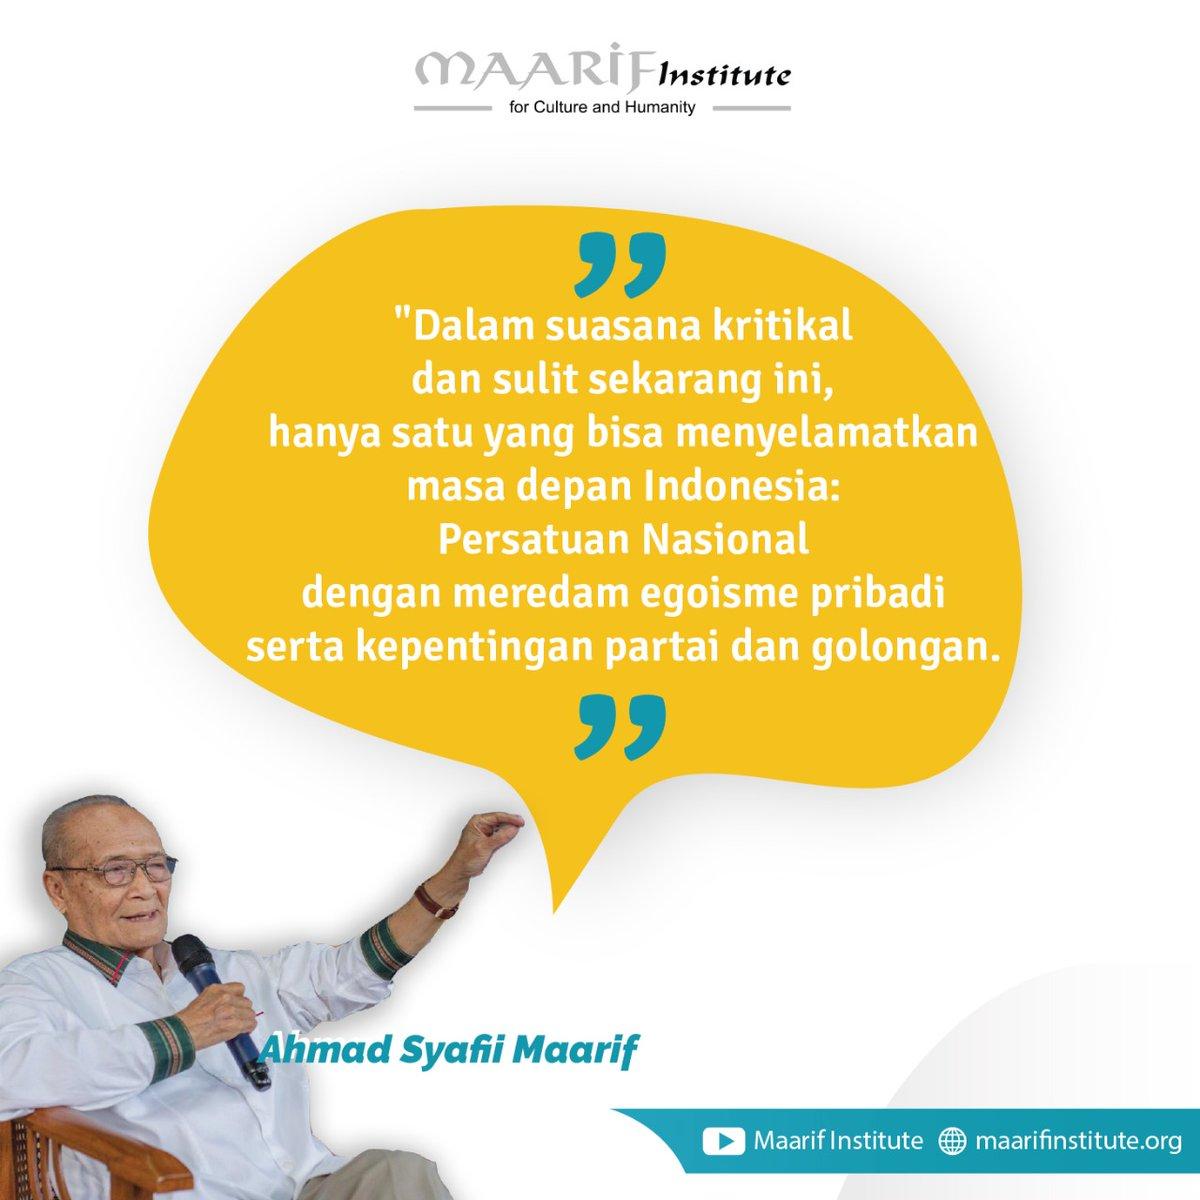 """""""Dalam suasana kritikal dan sulit sekarang ini, hanya satu yang bisa menyelamatkan masa depan Indonesia: persatuan nasional dengan meredam egoisme pribadi dan kepentingan partai dan golongan."""" @BuyaSyafii https://t.co/sDpzVQ3AbD"""